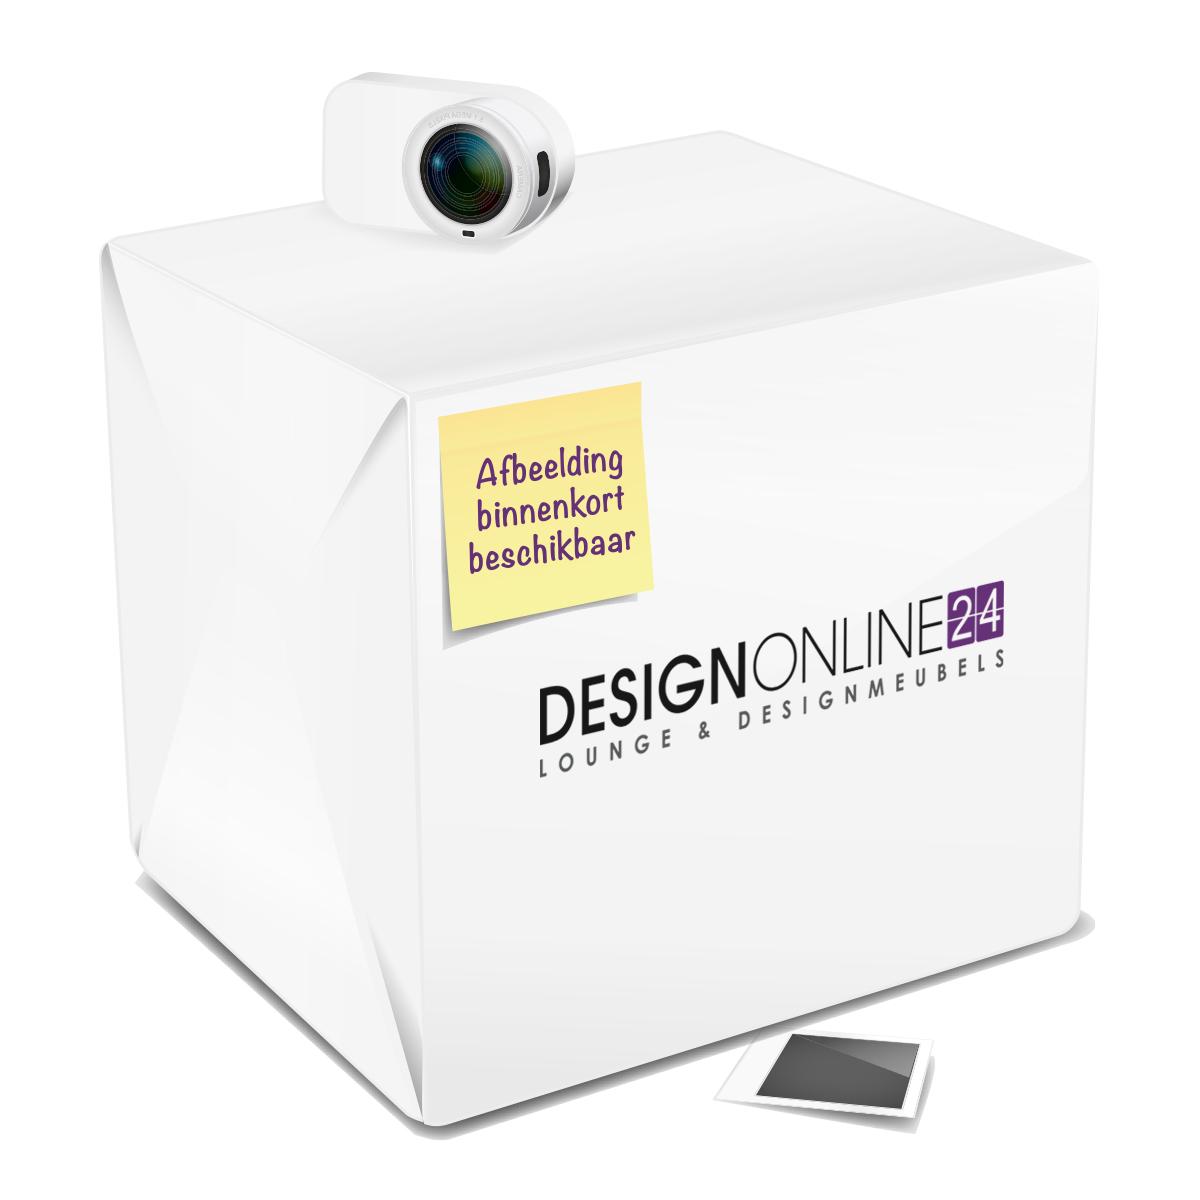 24Designs Outlet - Set (2) Stoelen Nova - Stof - Lichtgrijs - Chromen Voet